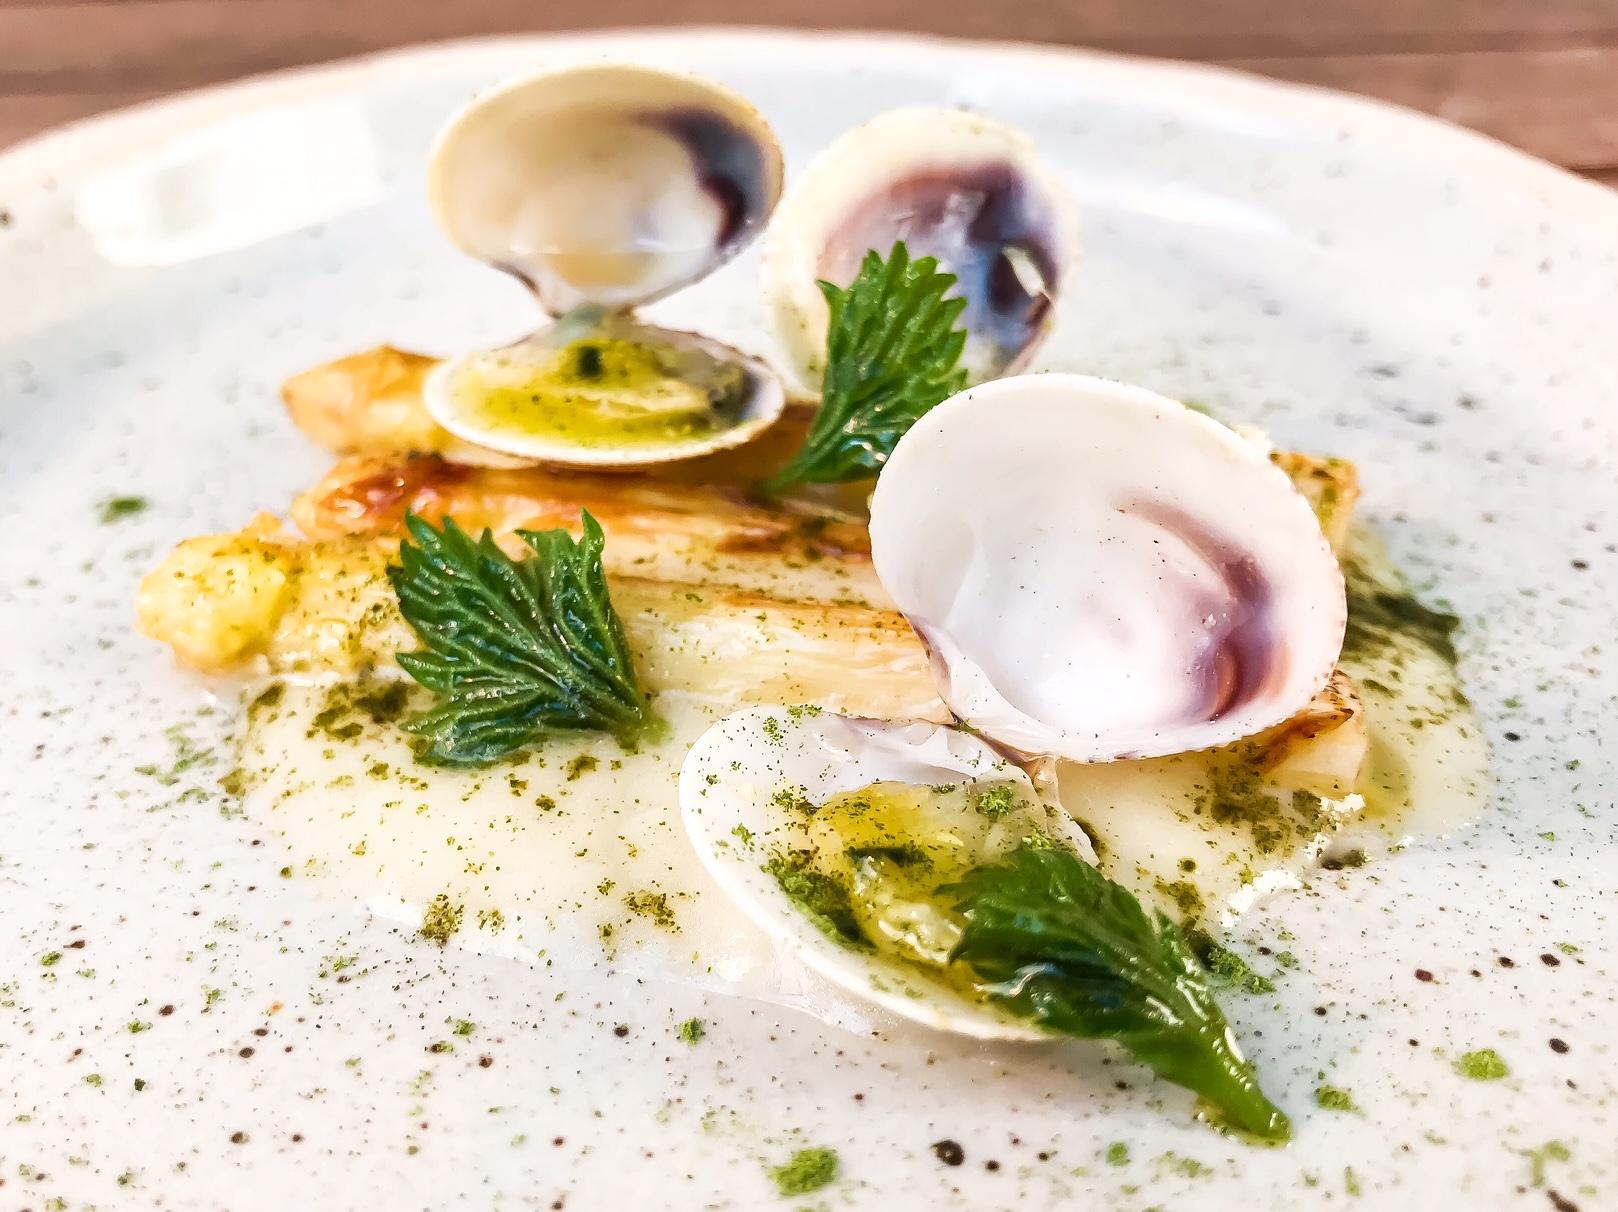 Lupini di mare con asparagi bianchi, ortiche e burro alla mela verde